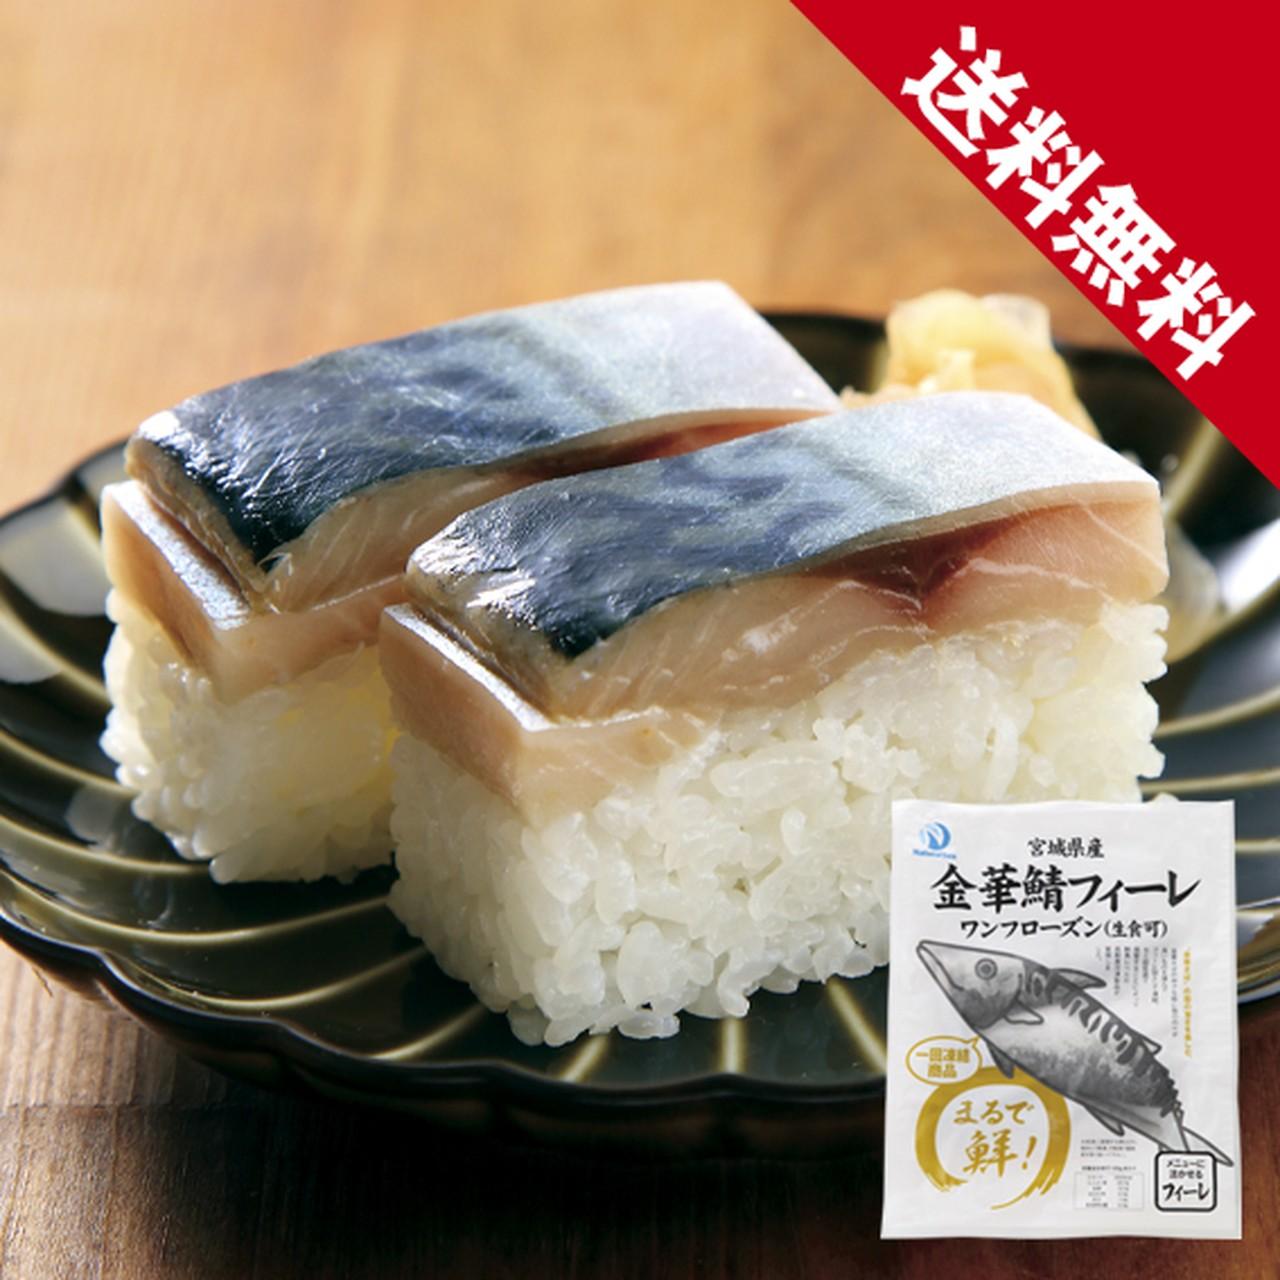 【送料無料】金華鯖フィーレ(皮付き)